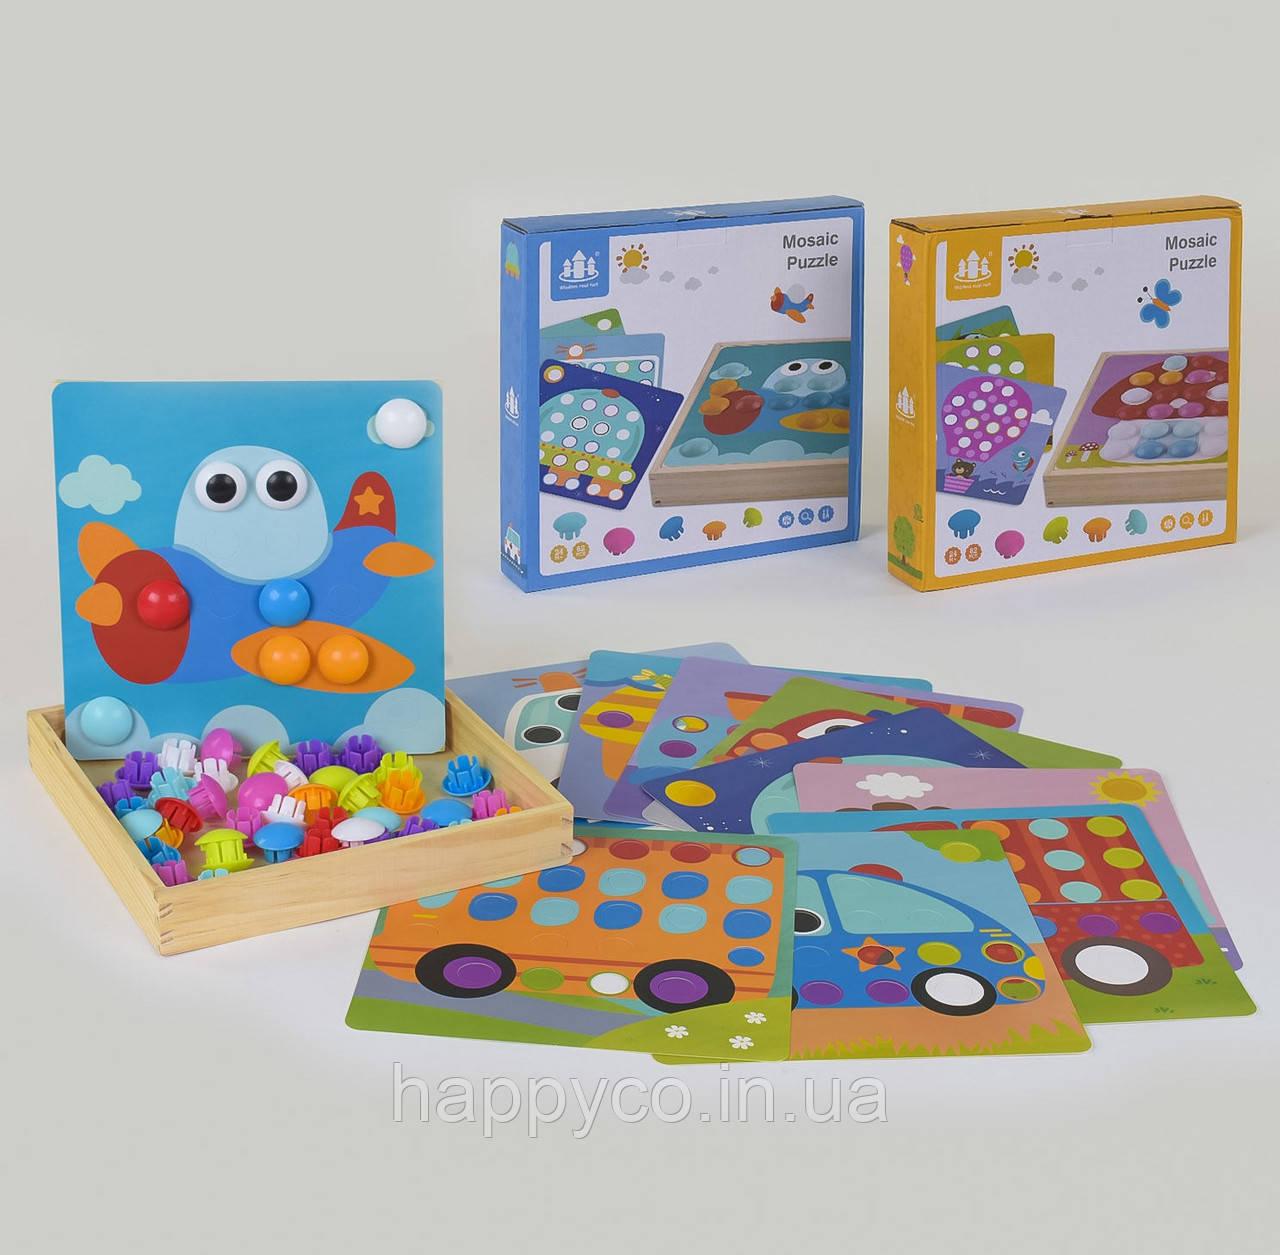 Деревянная Мозаика пазл , 10 платформ 50 элементов , детская игрушка